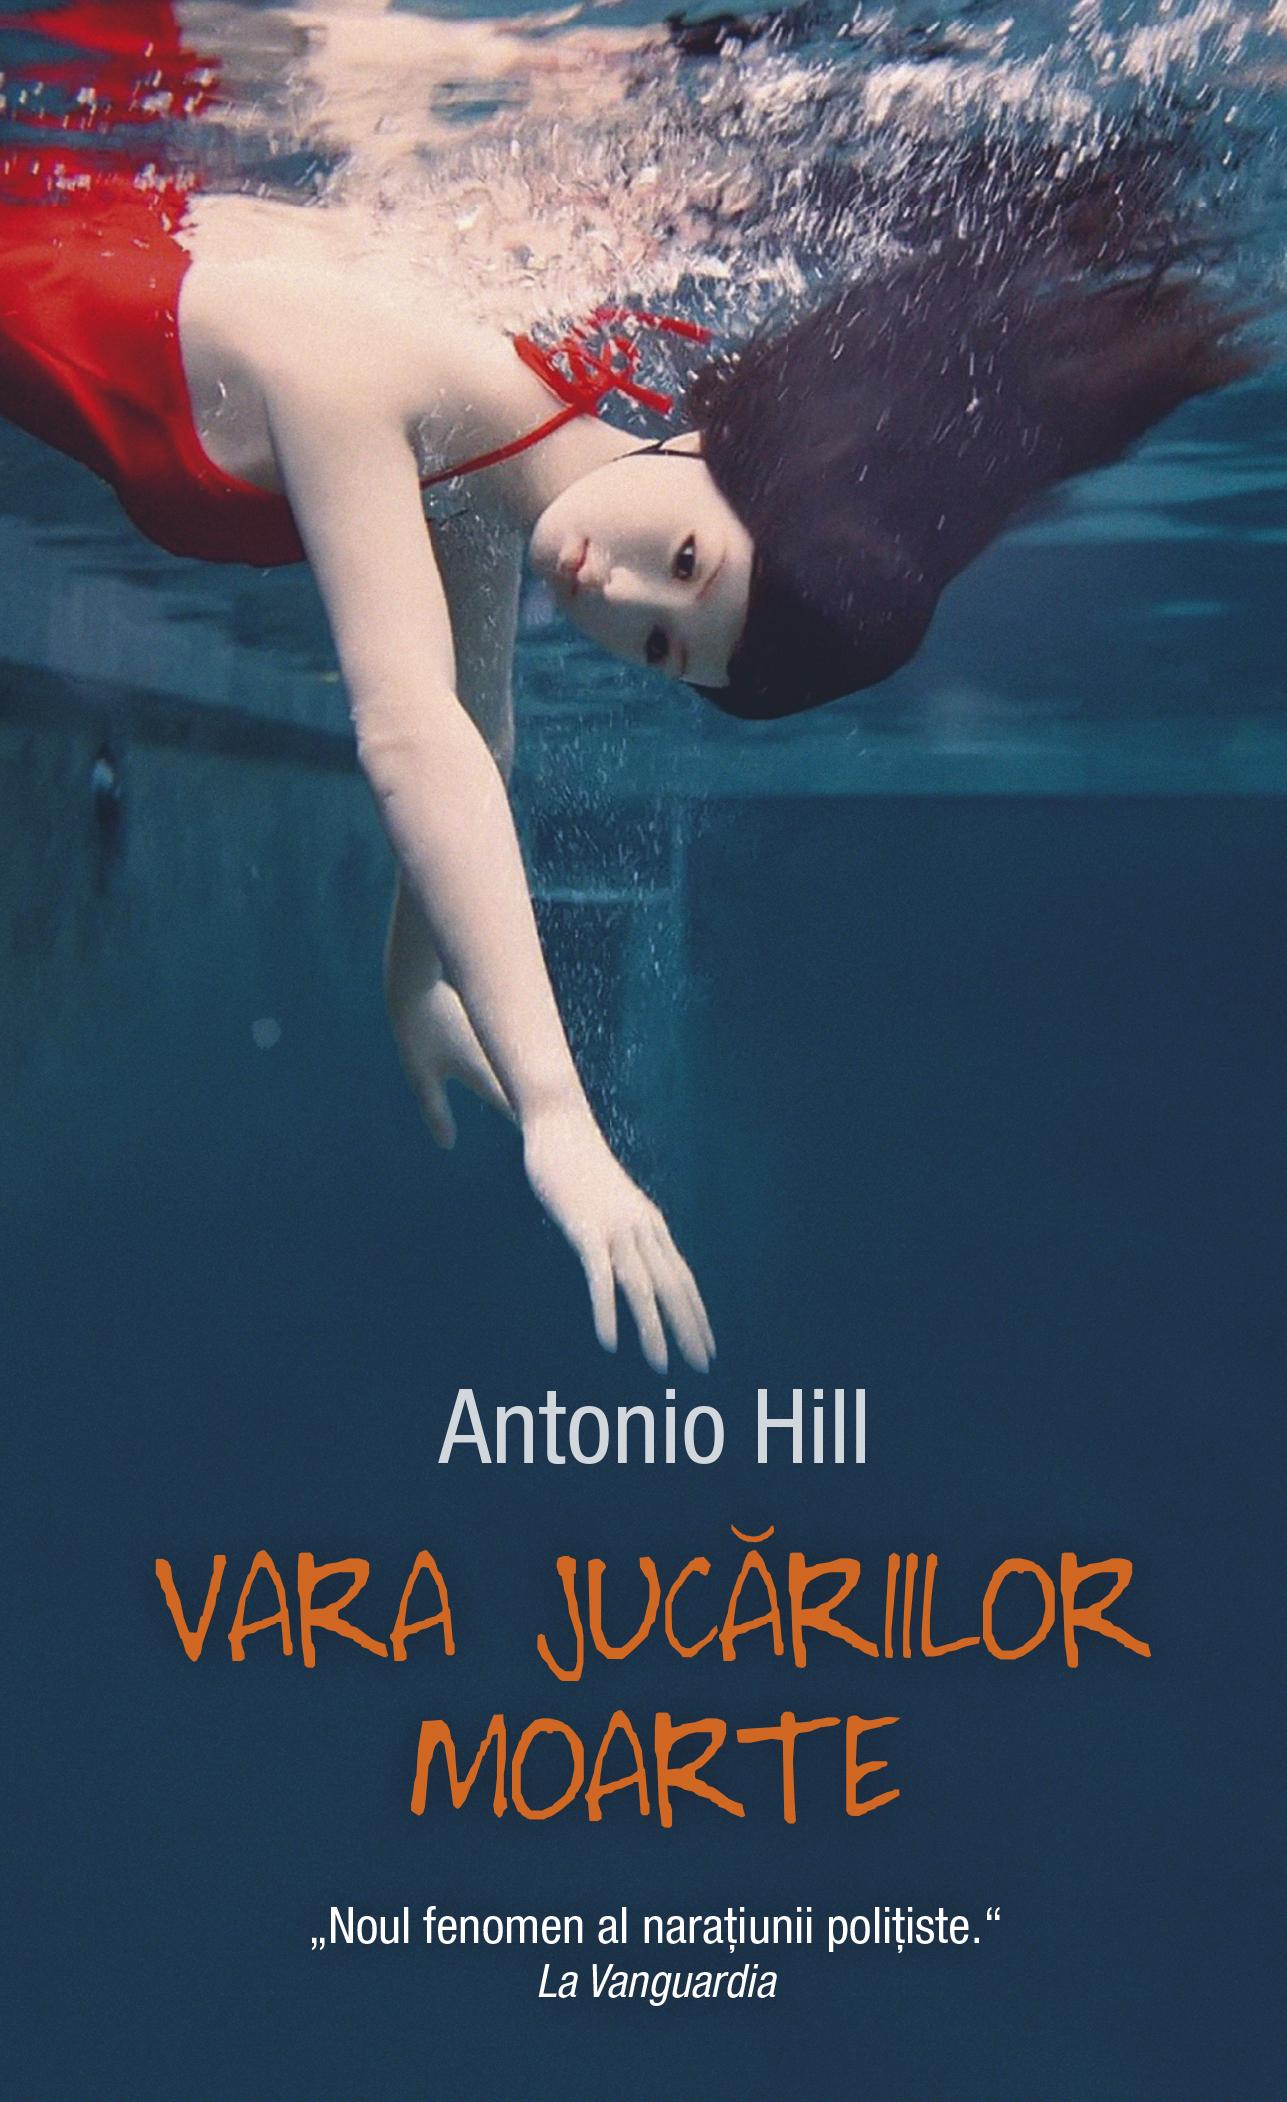 Vara jucariilor moarte | Antonio Hill